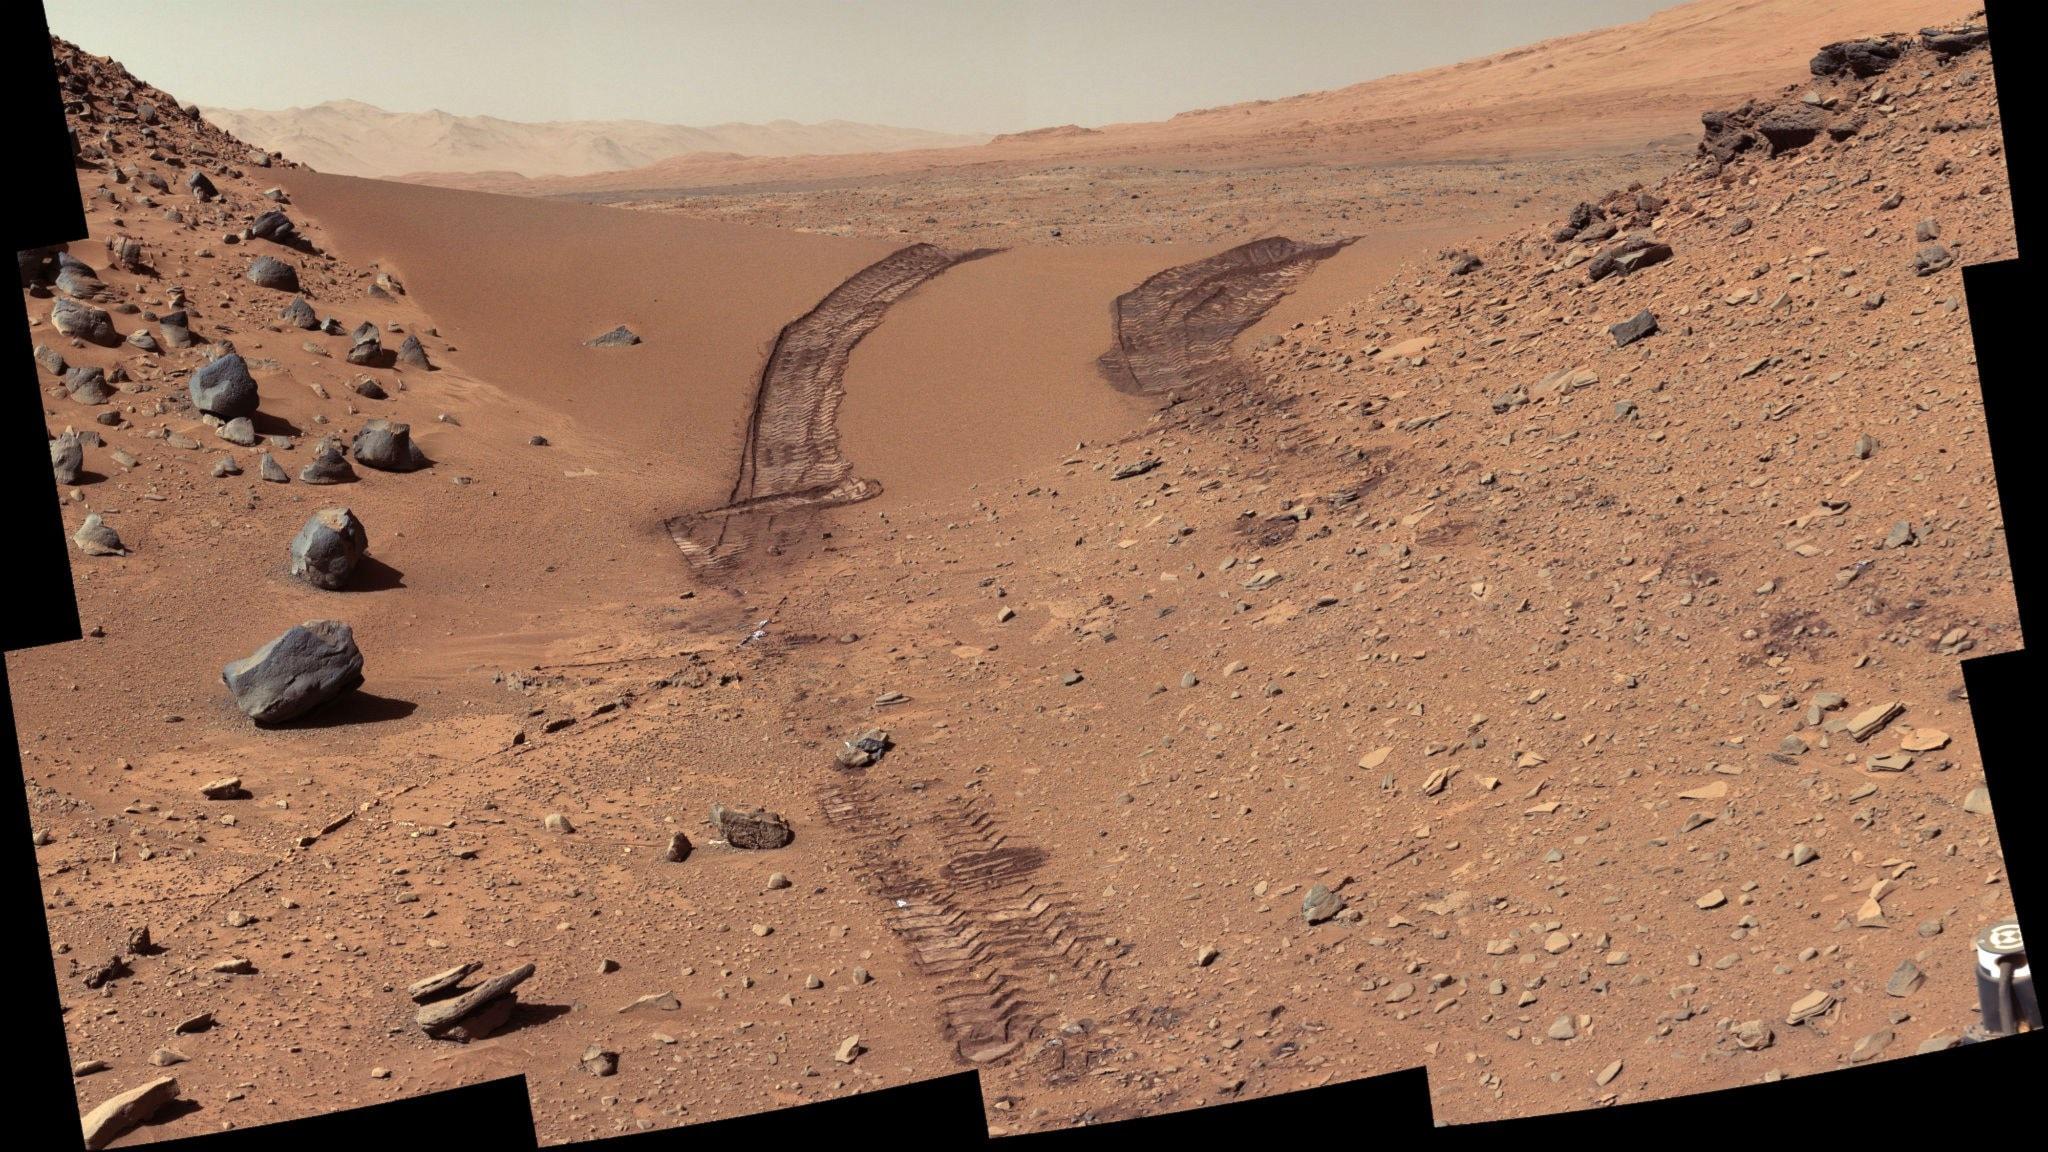 Hjulspår i grusig miljö på Mars